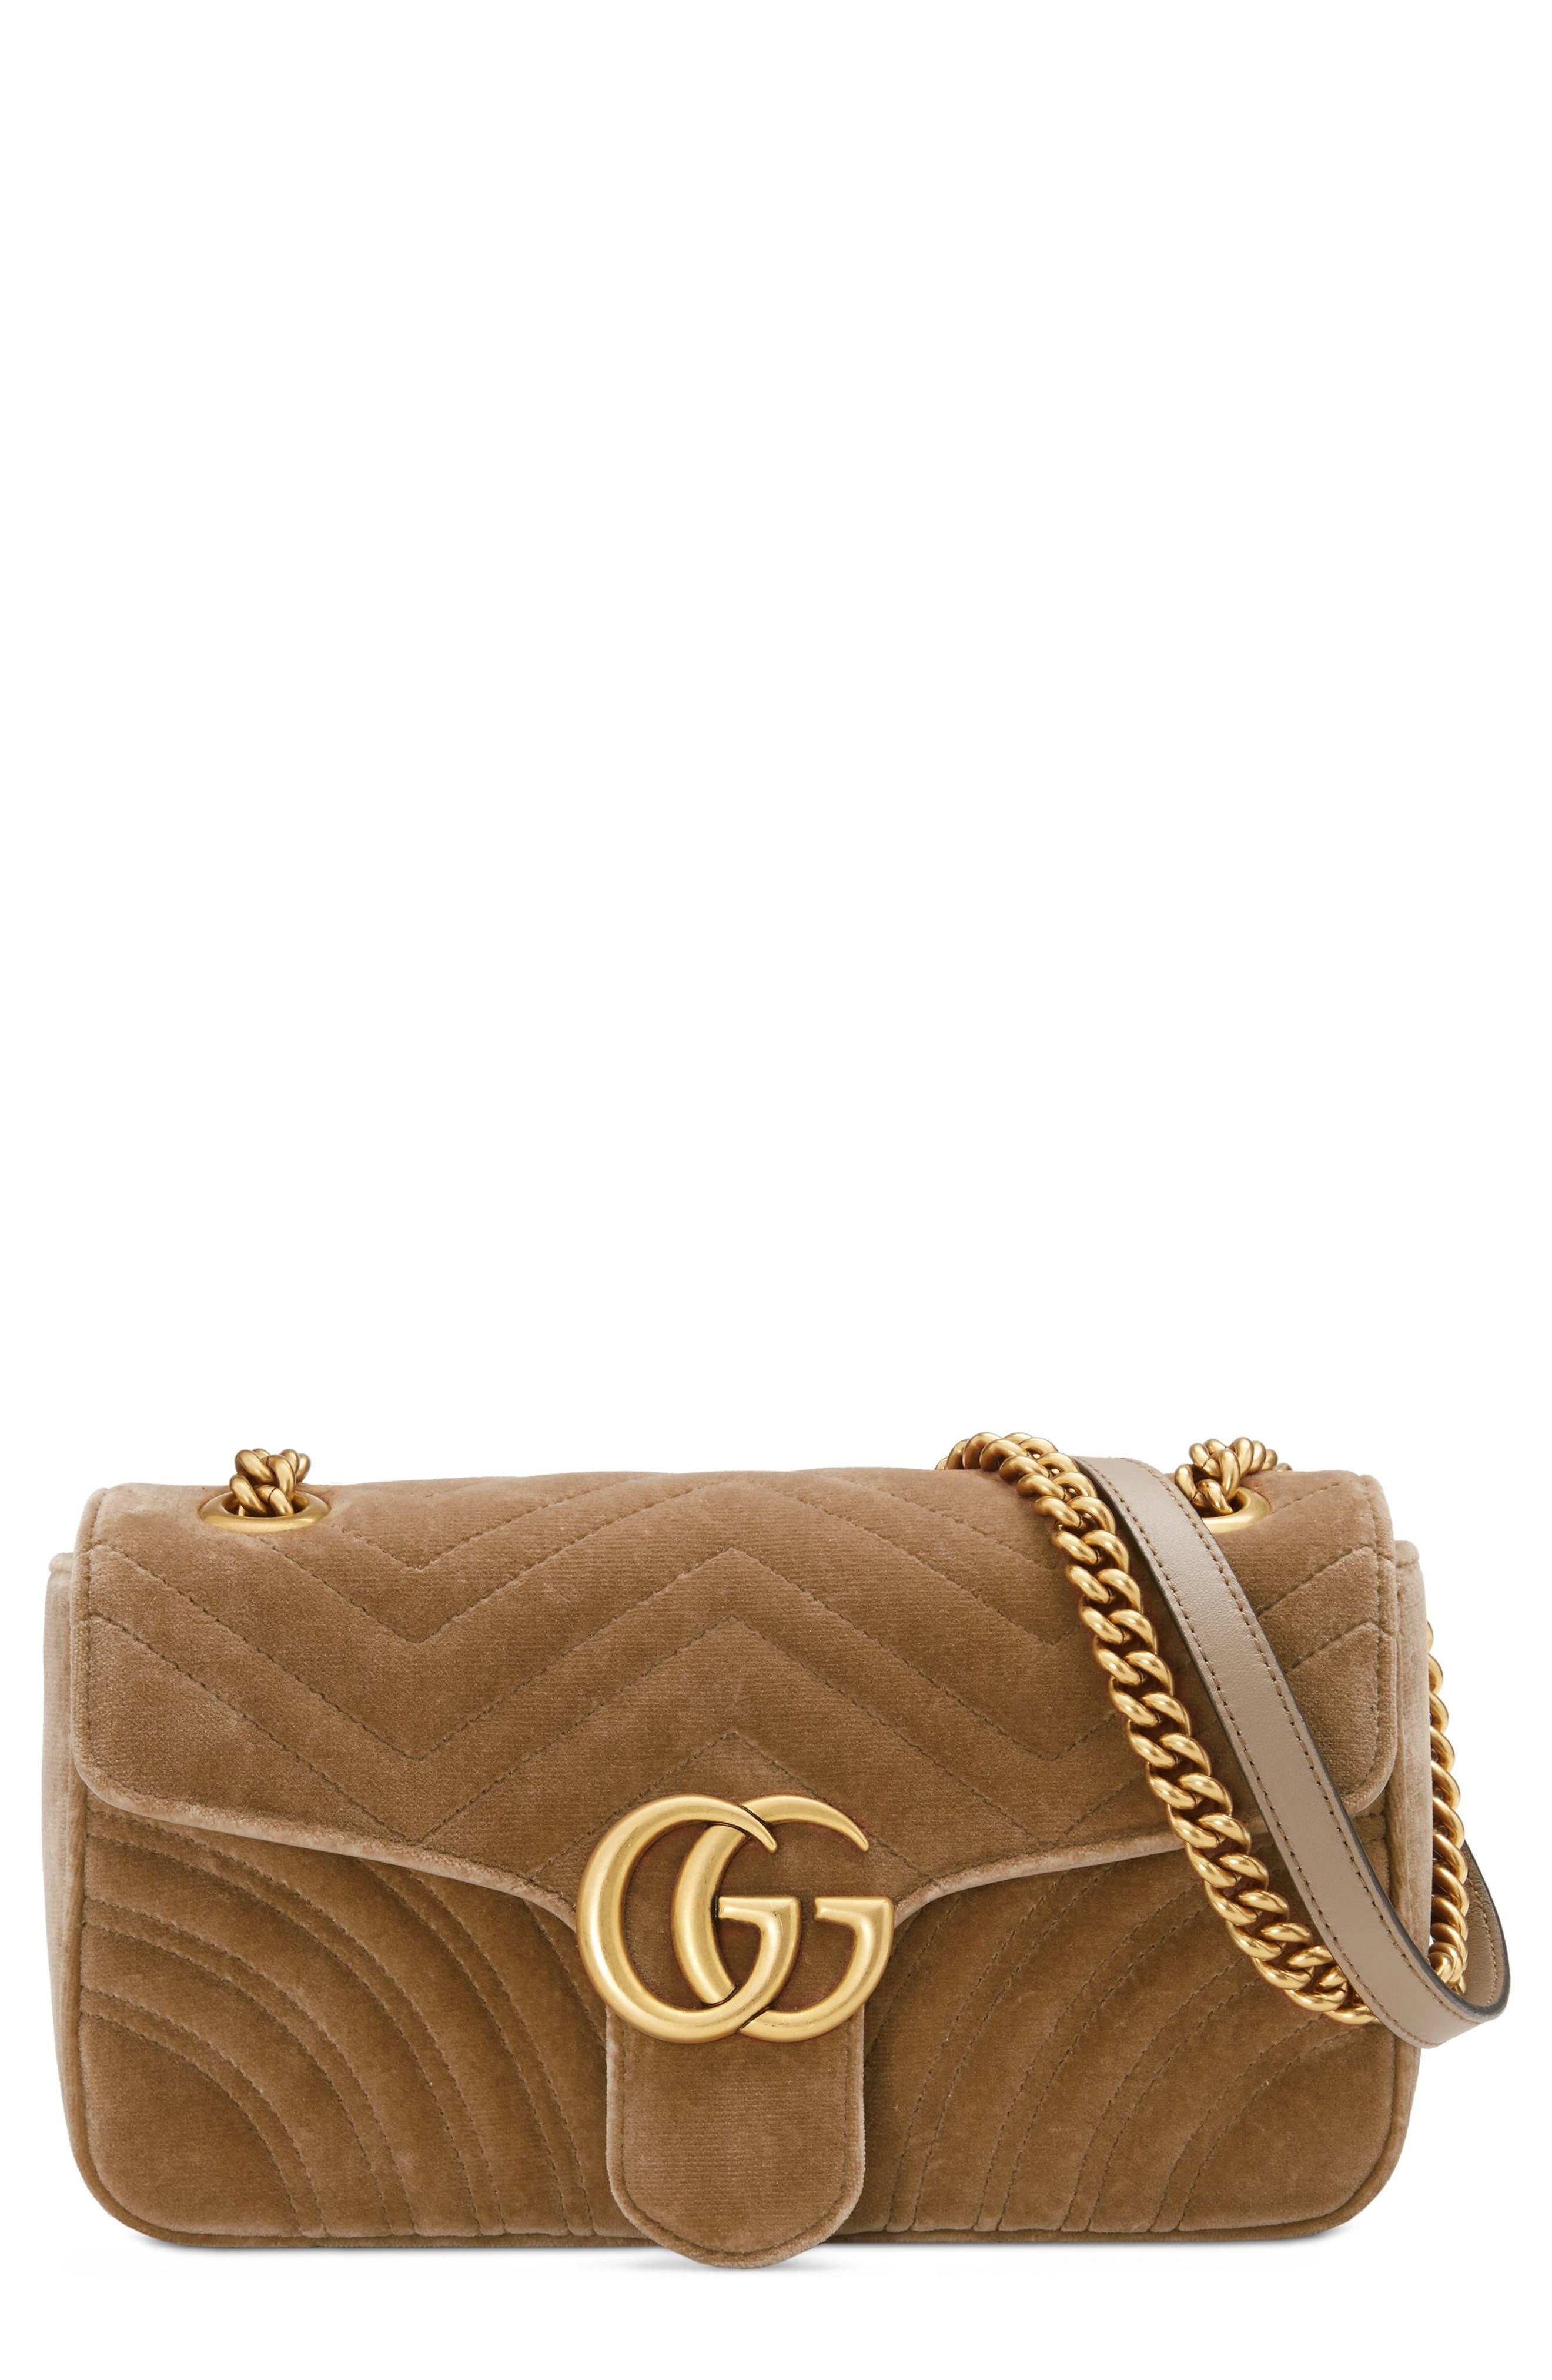 Medium GG Marmont 2.0 Matelassé Velvet Shoulder Bag,                             Main thumbnail 1, color,                             TAUPE/ TAUPE